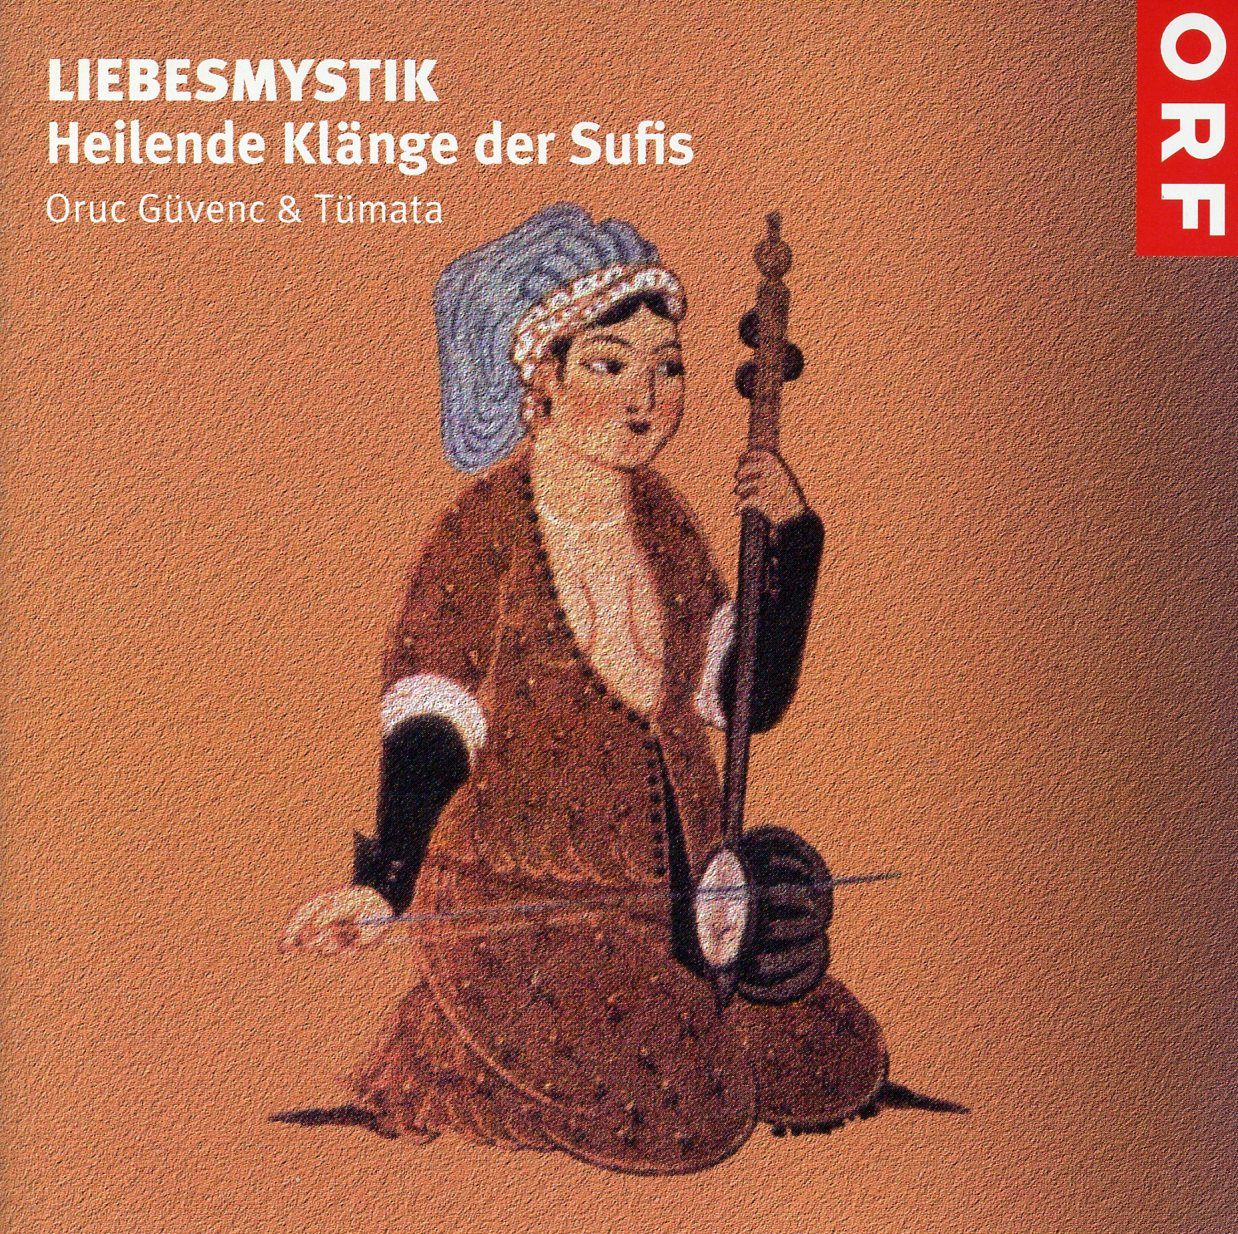 Liebesmystik - Heilende Klänge der Sufis